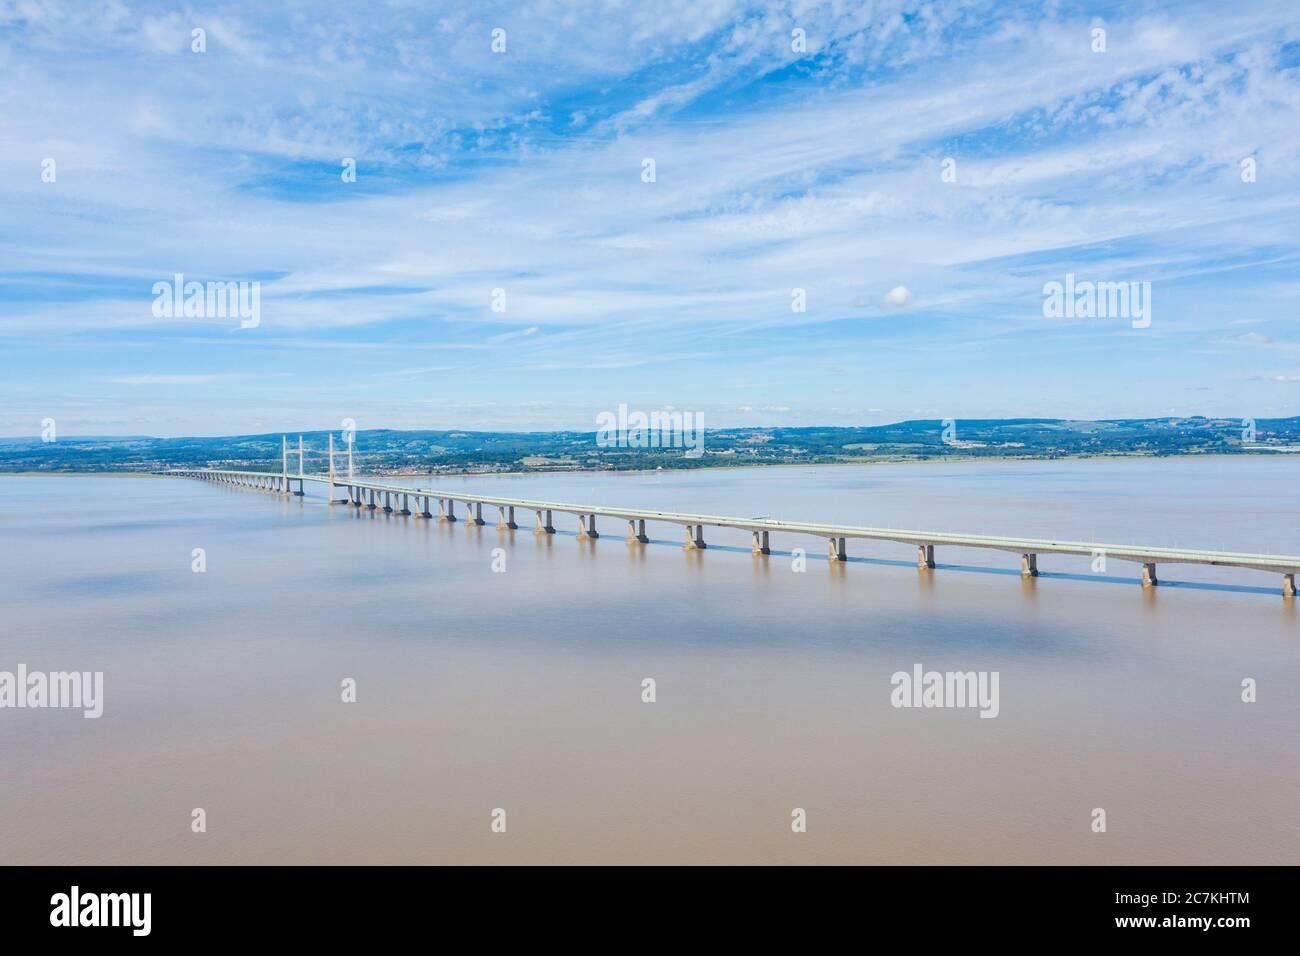 Le deuxième pont de traversée de Severn, au-dessus de l'estuaire de la rivière Severn entre l'Angleterre et le pays de Galles Banque D'Images